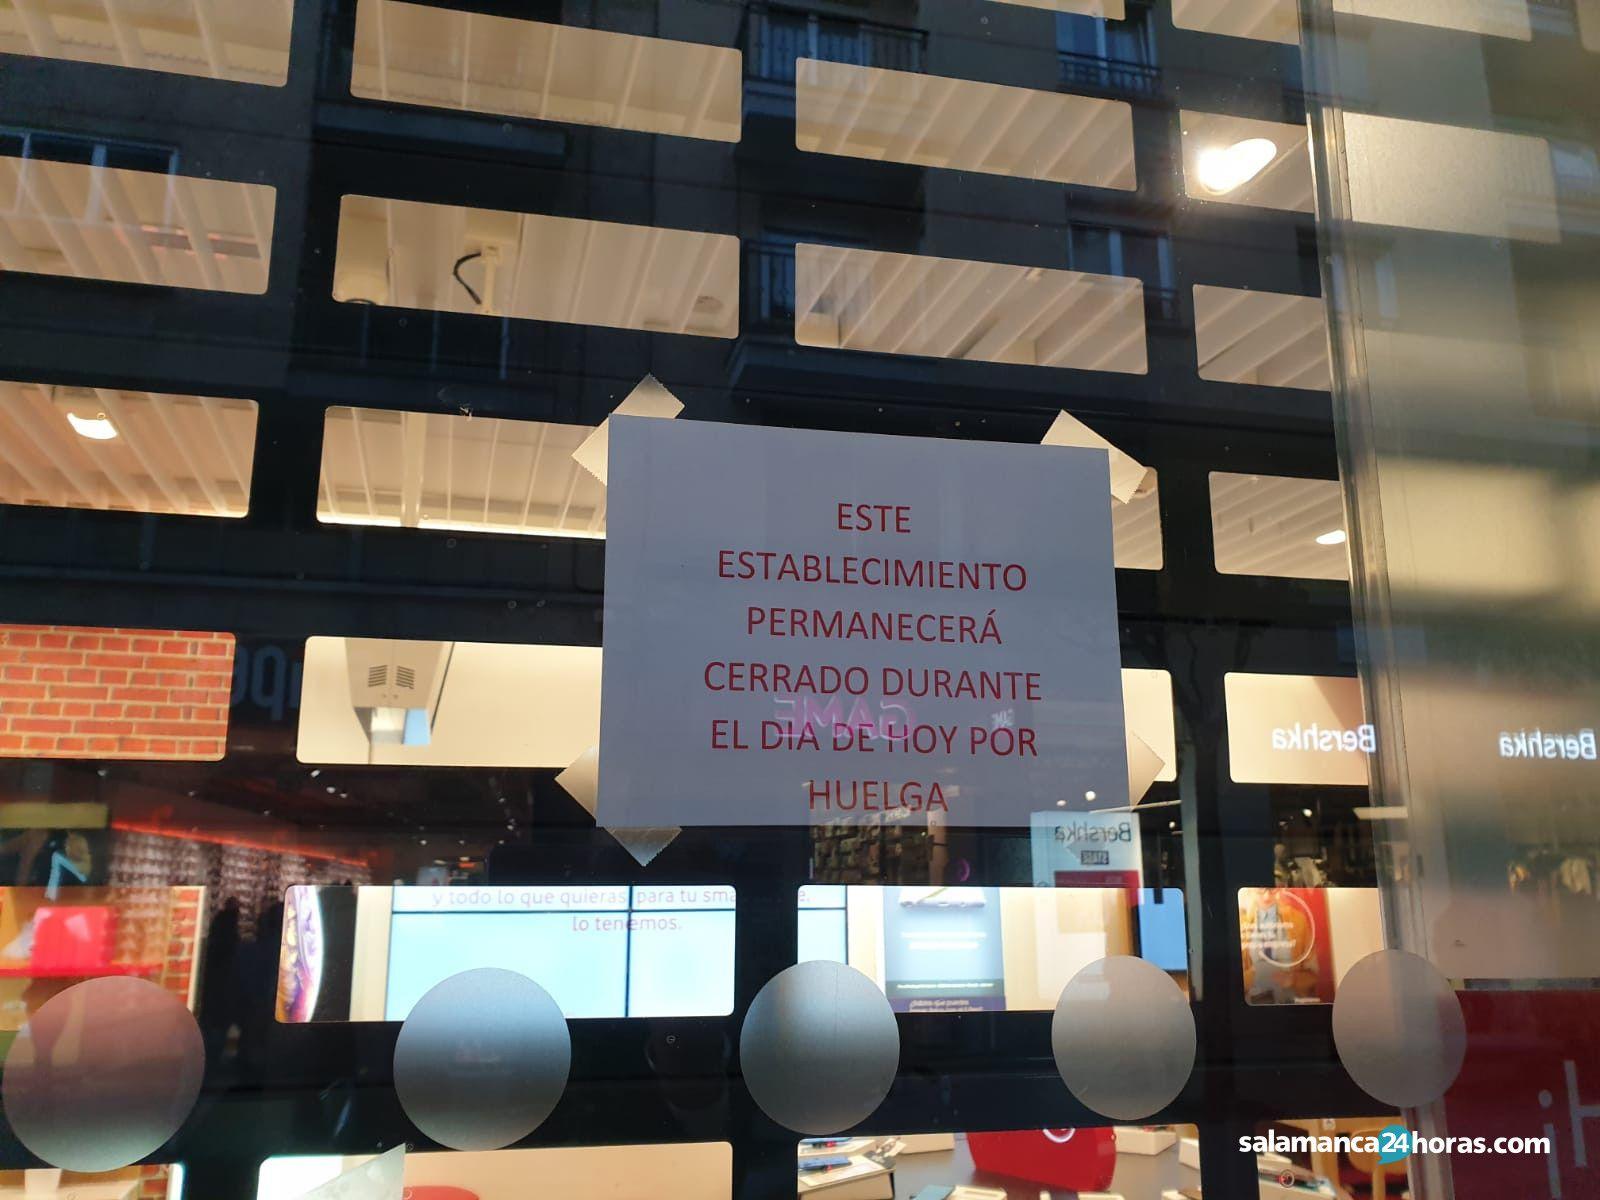 Vodafone Huelga (2)